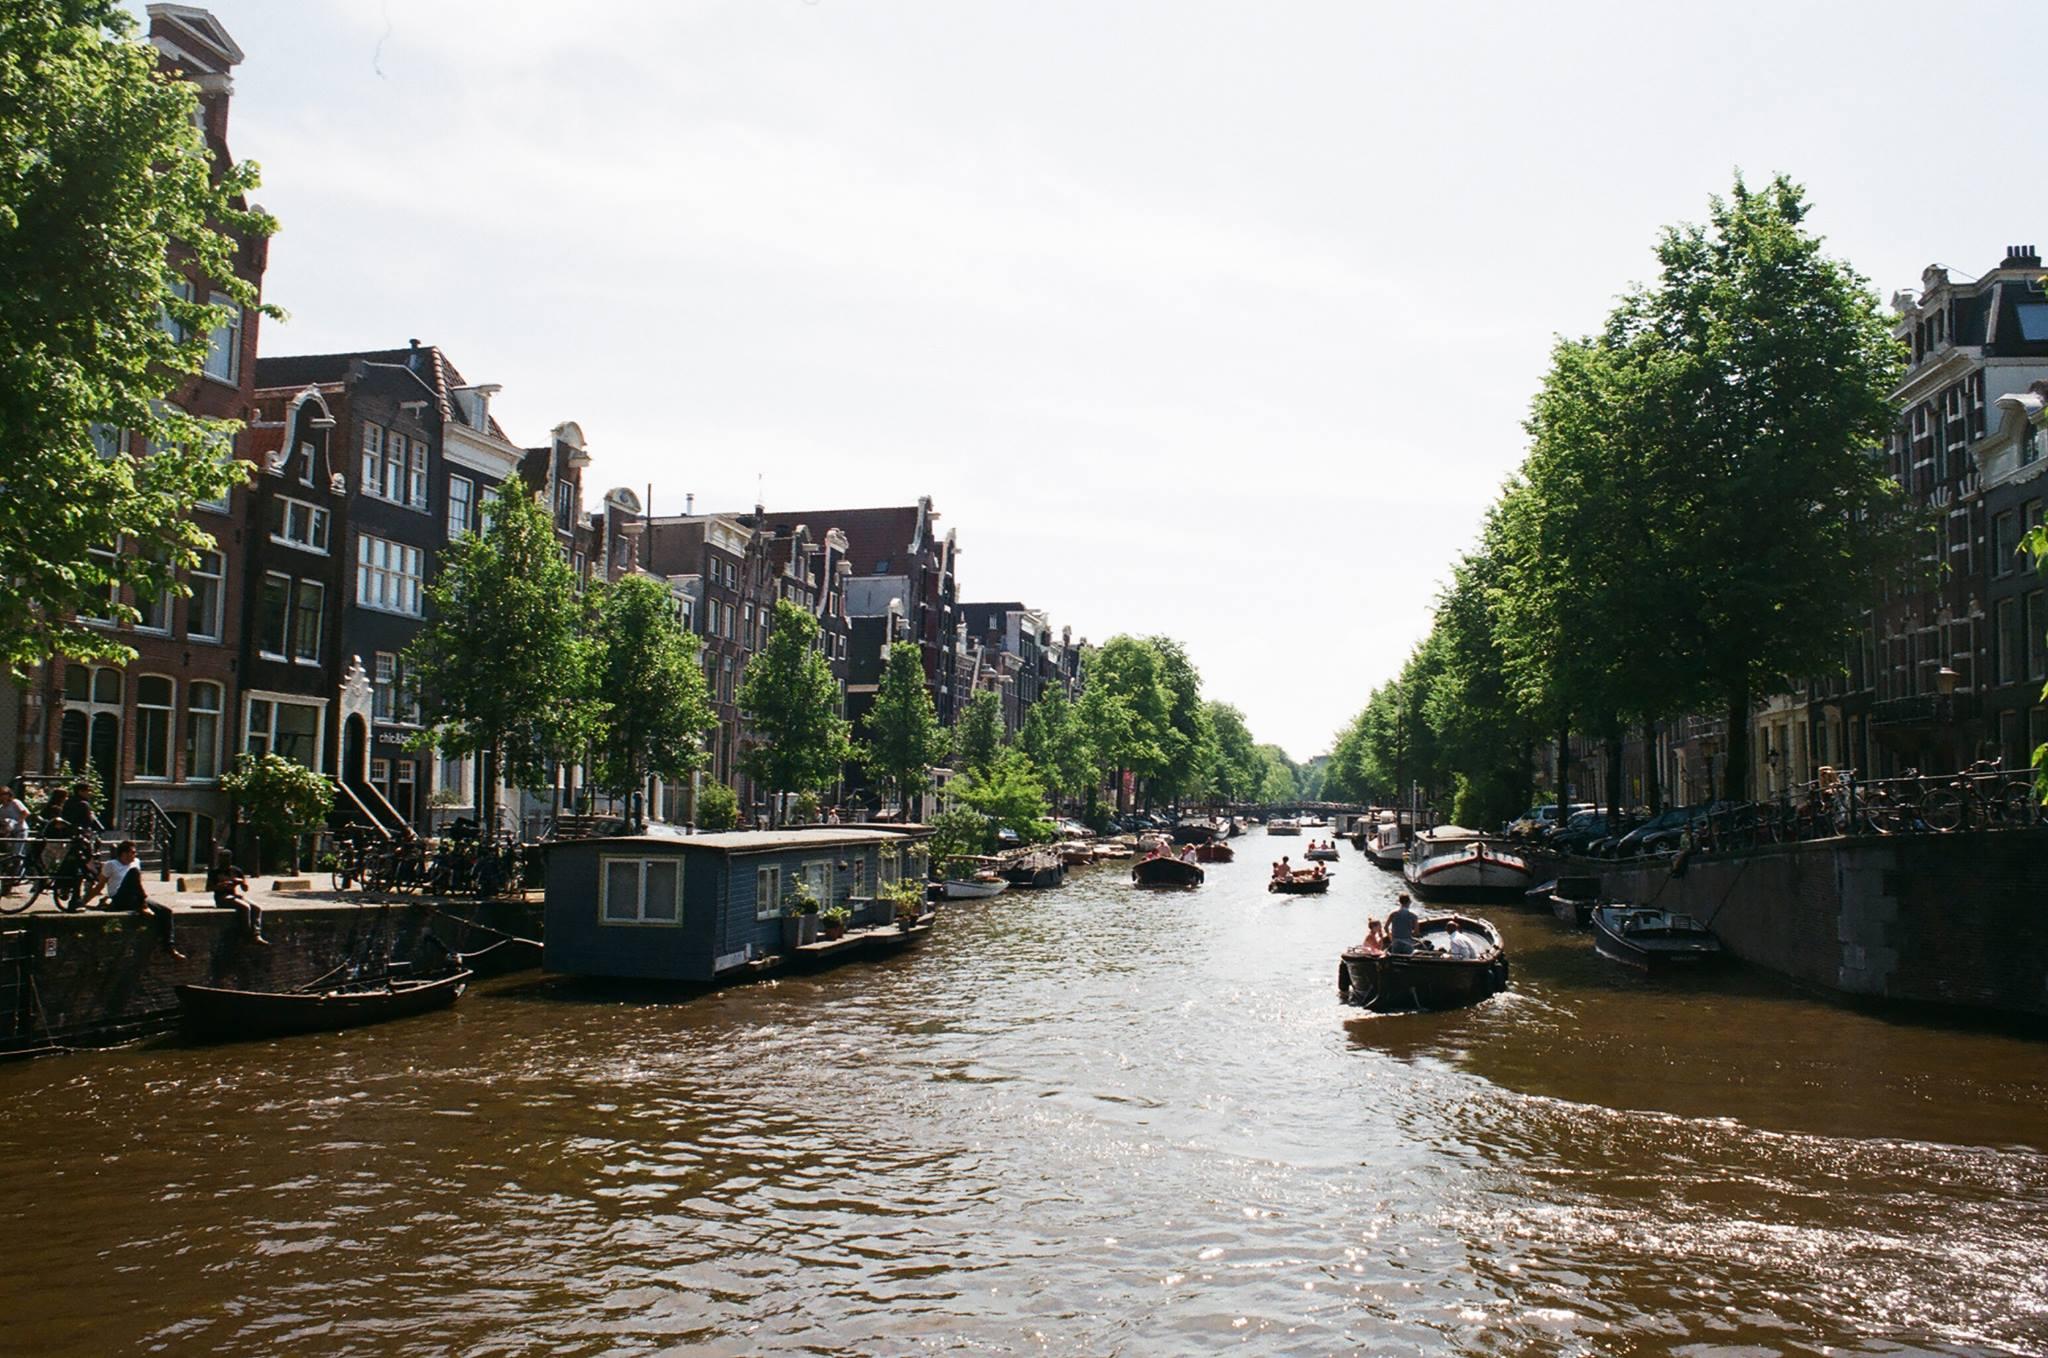 與運河共存的阿姆斯特丹。攝影:Mars。